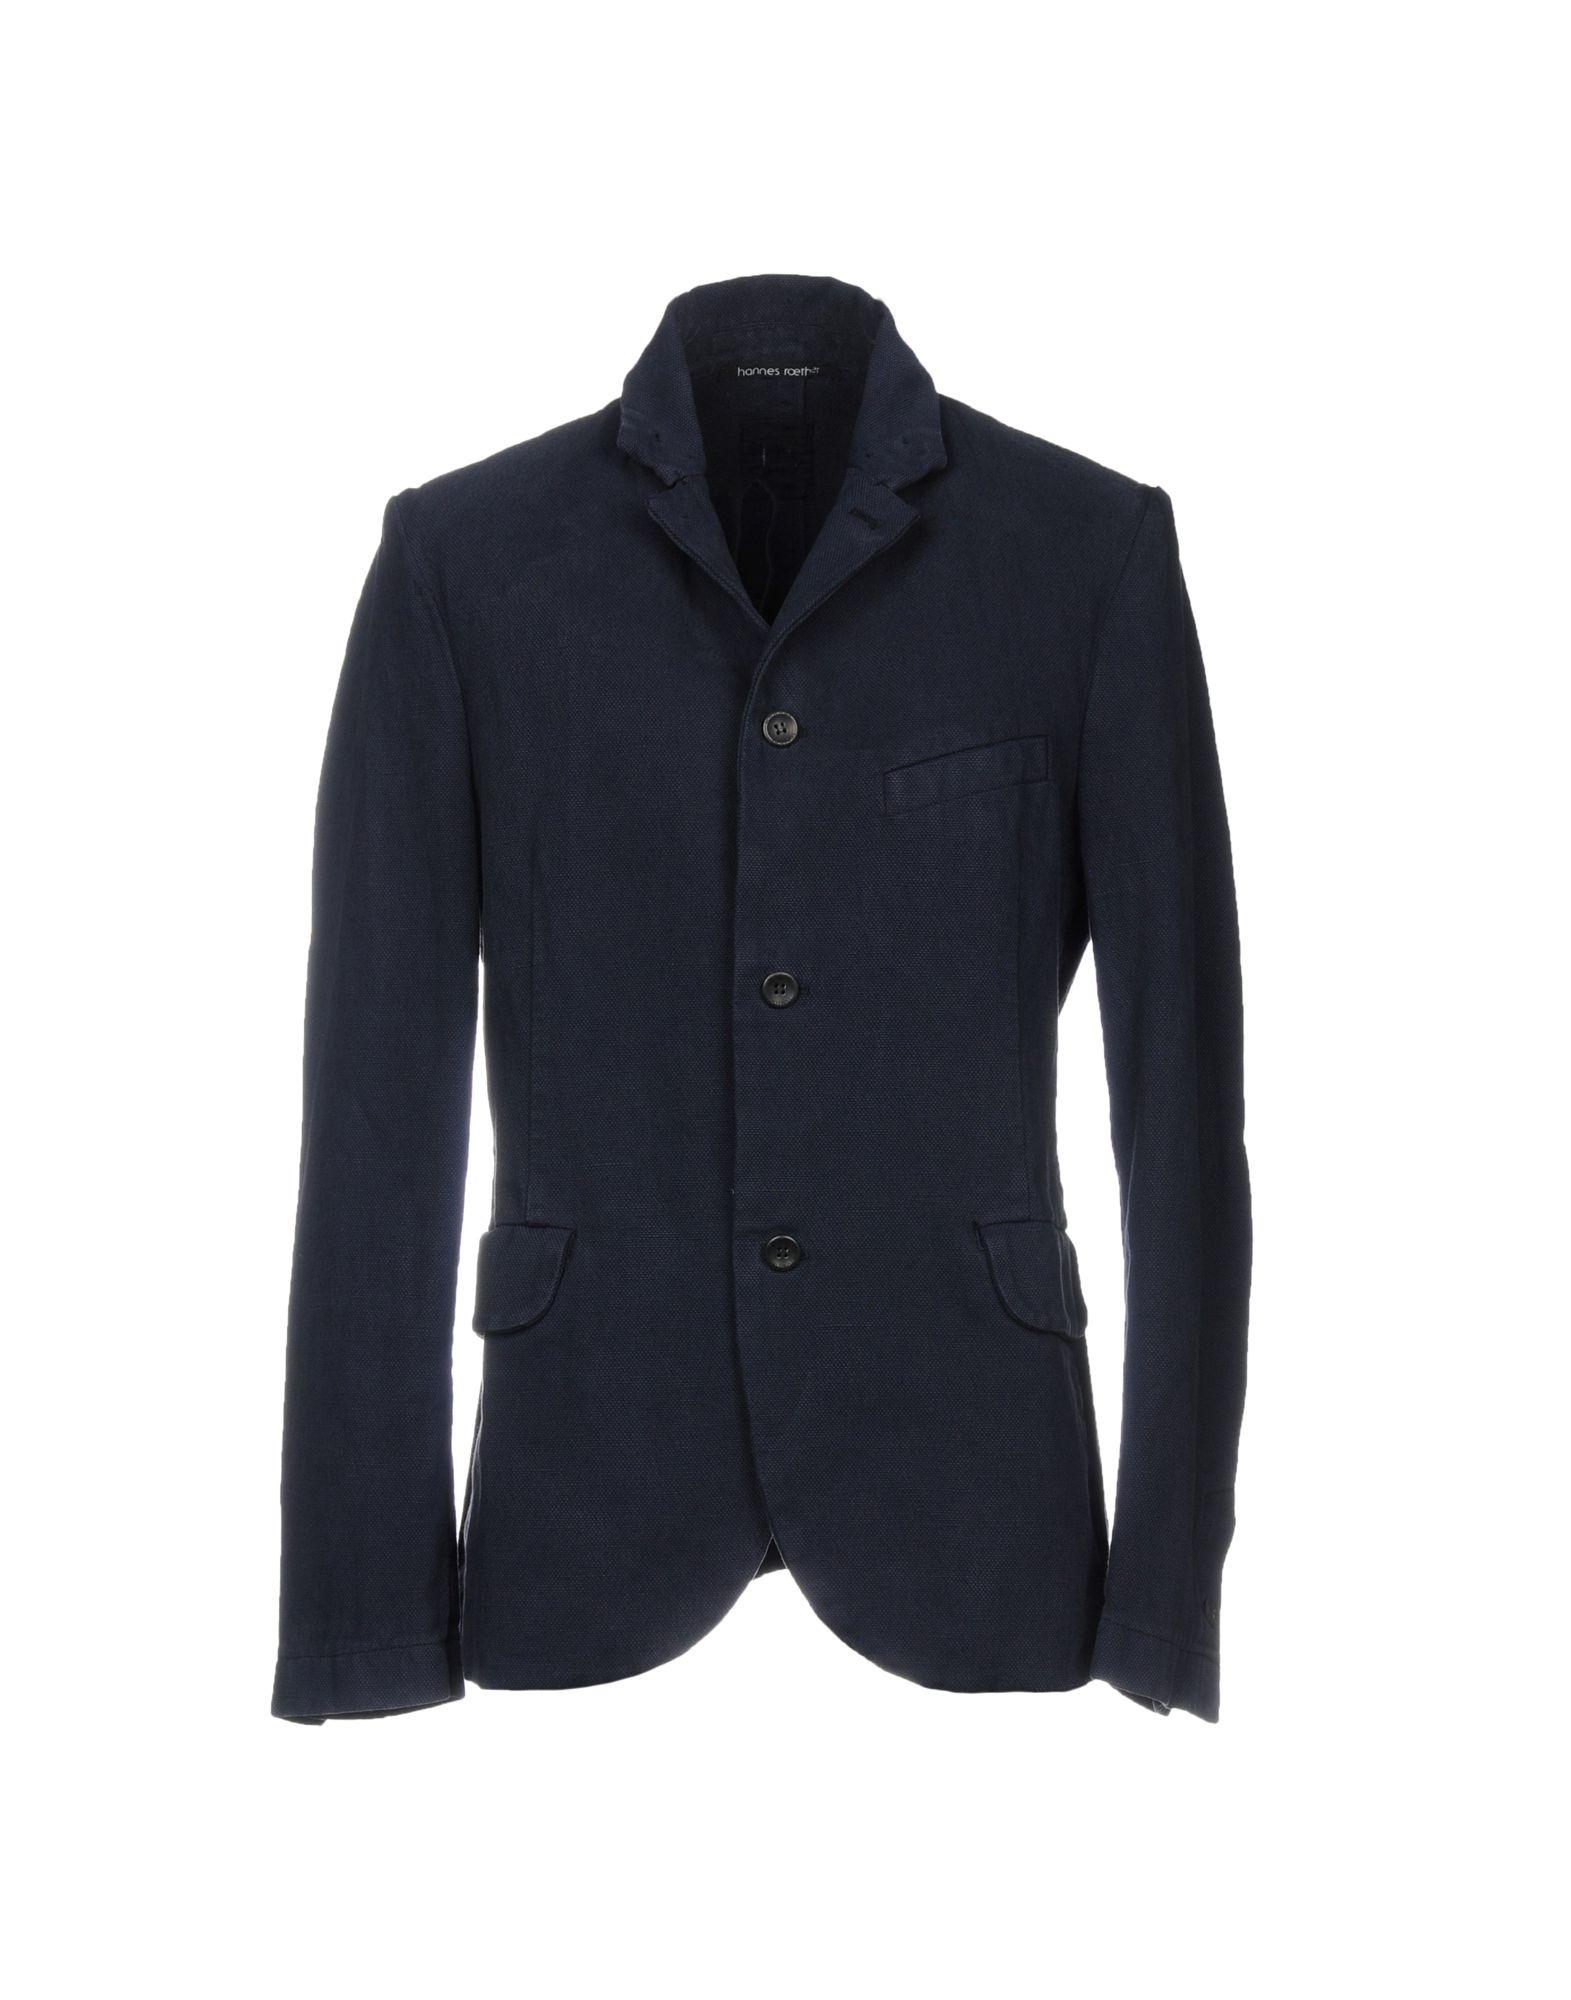 HANNES ROETHER Blazer in Dark Blue